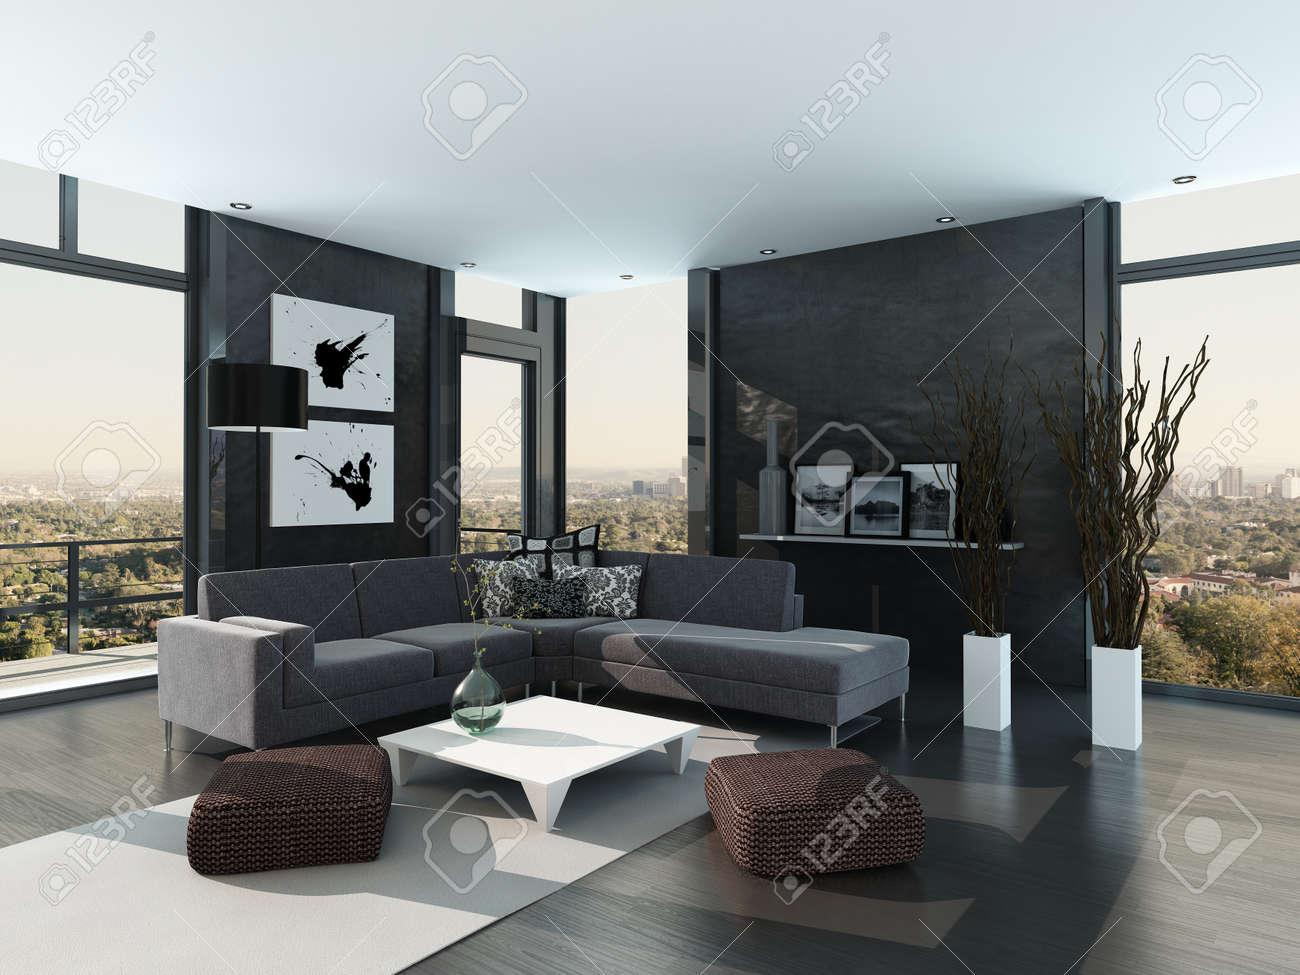 Couleur De Salon Gris couleur design moderne intérieur gris salon